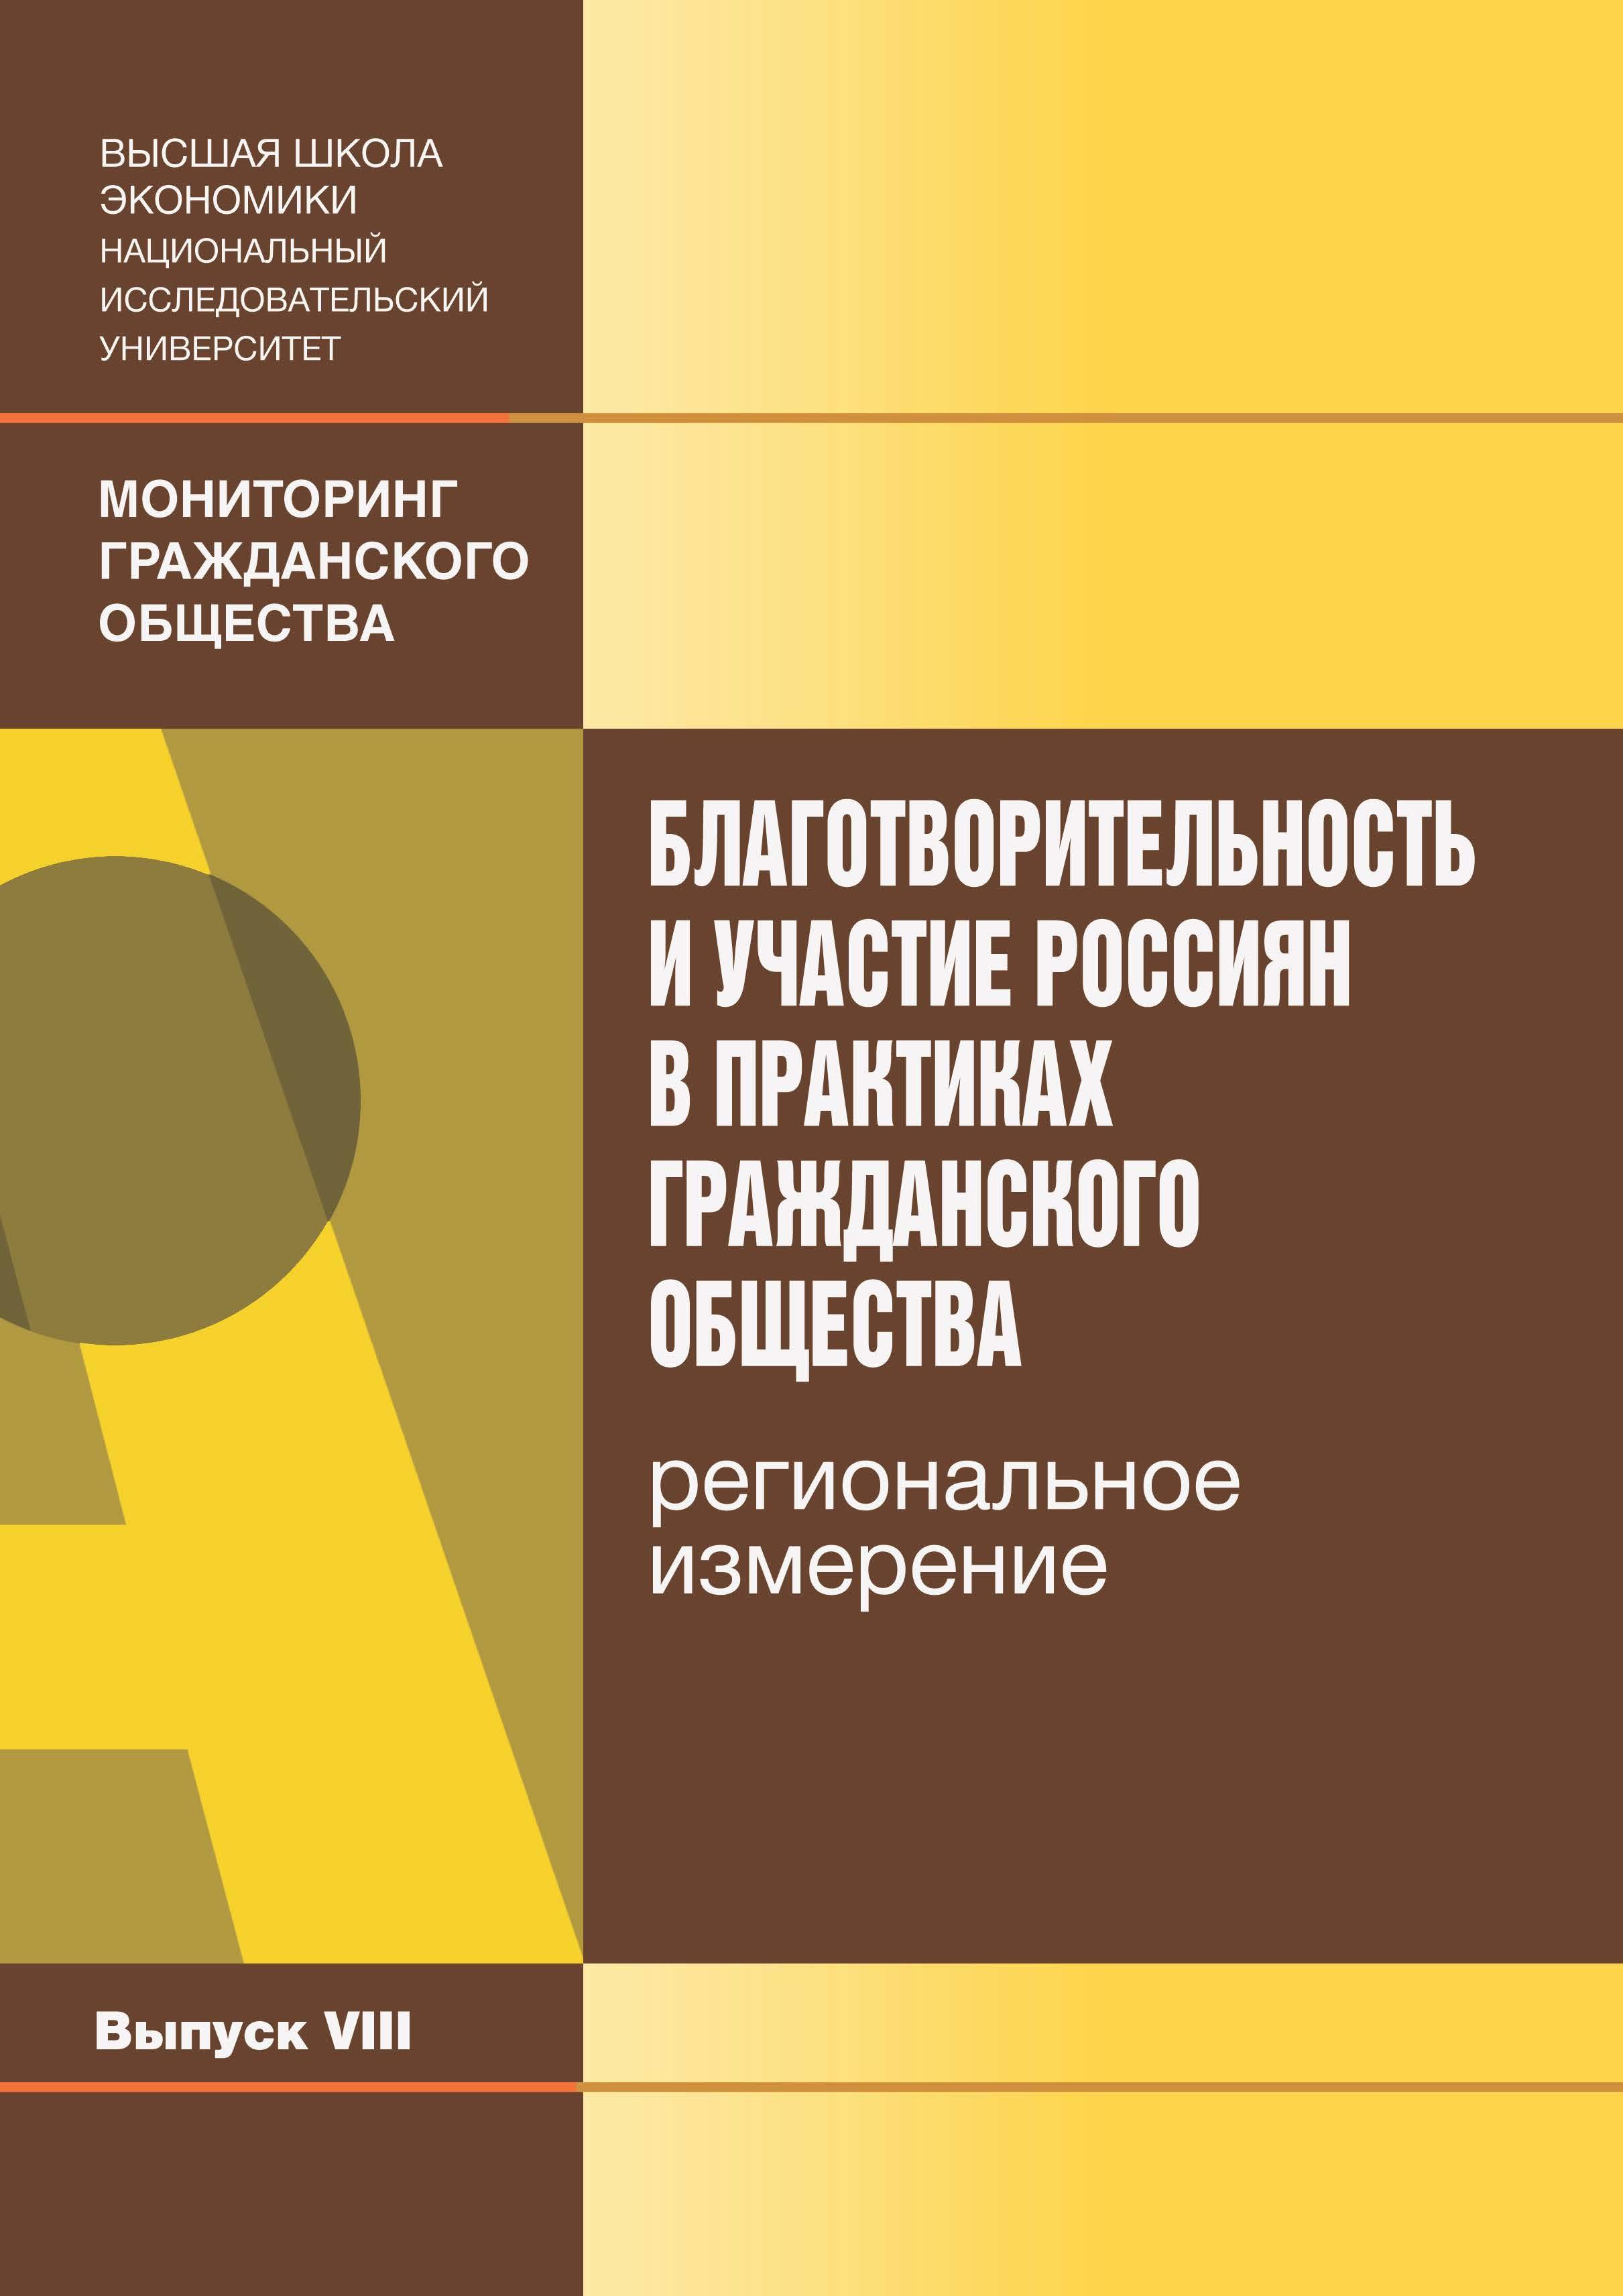 Благотворительность и участие россиян в практиках гражданского общества: региональное измерение